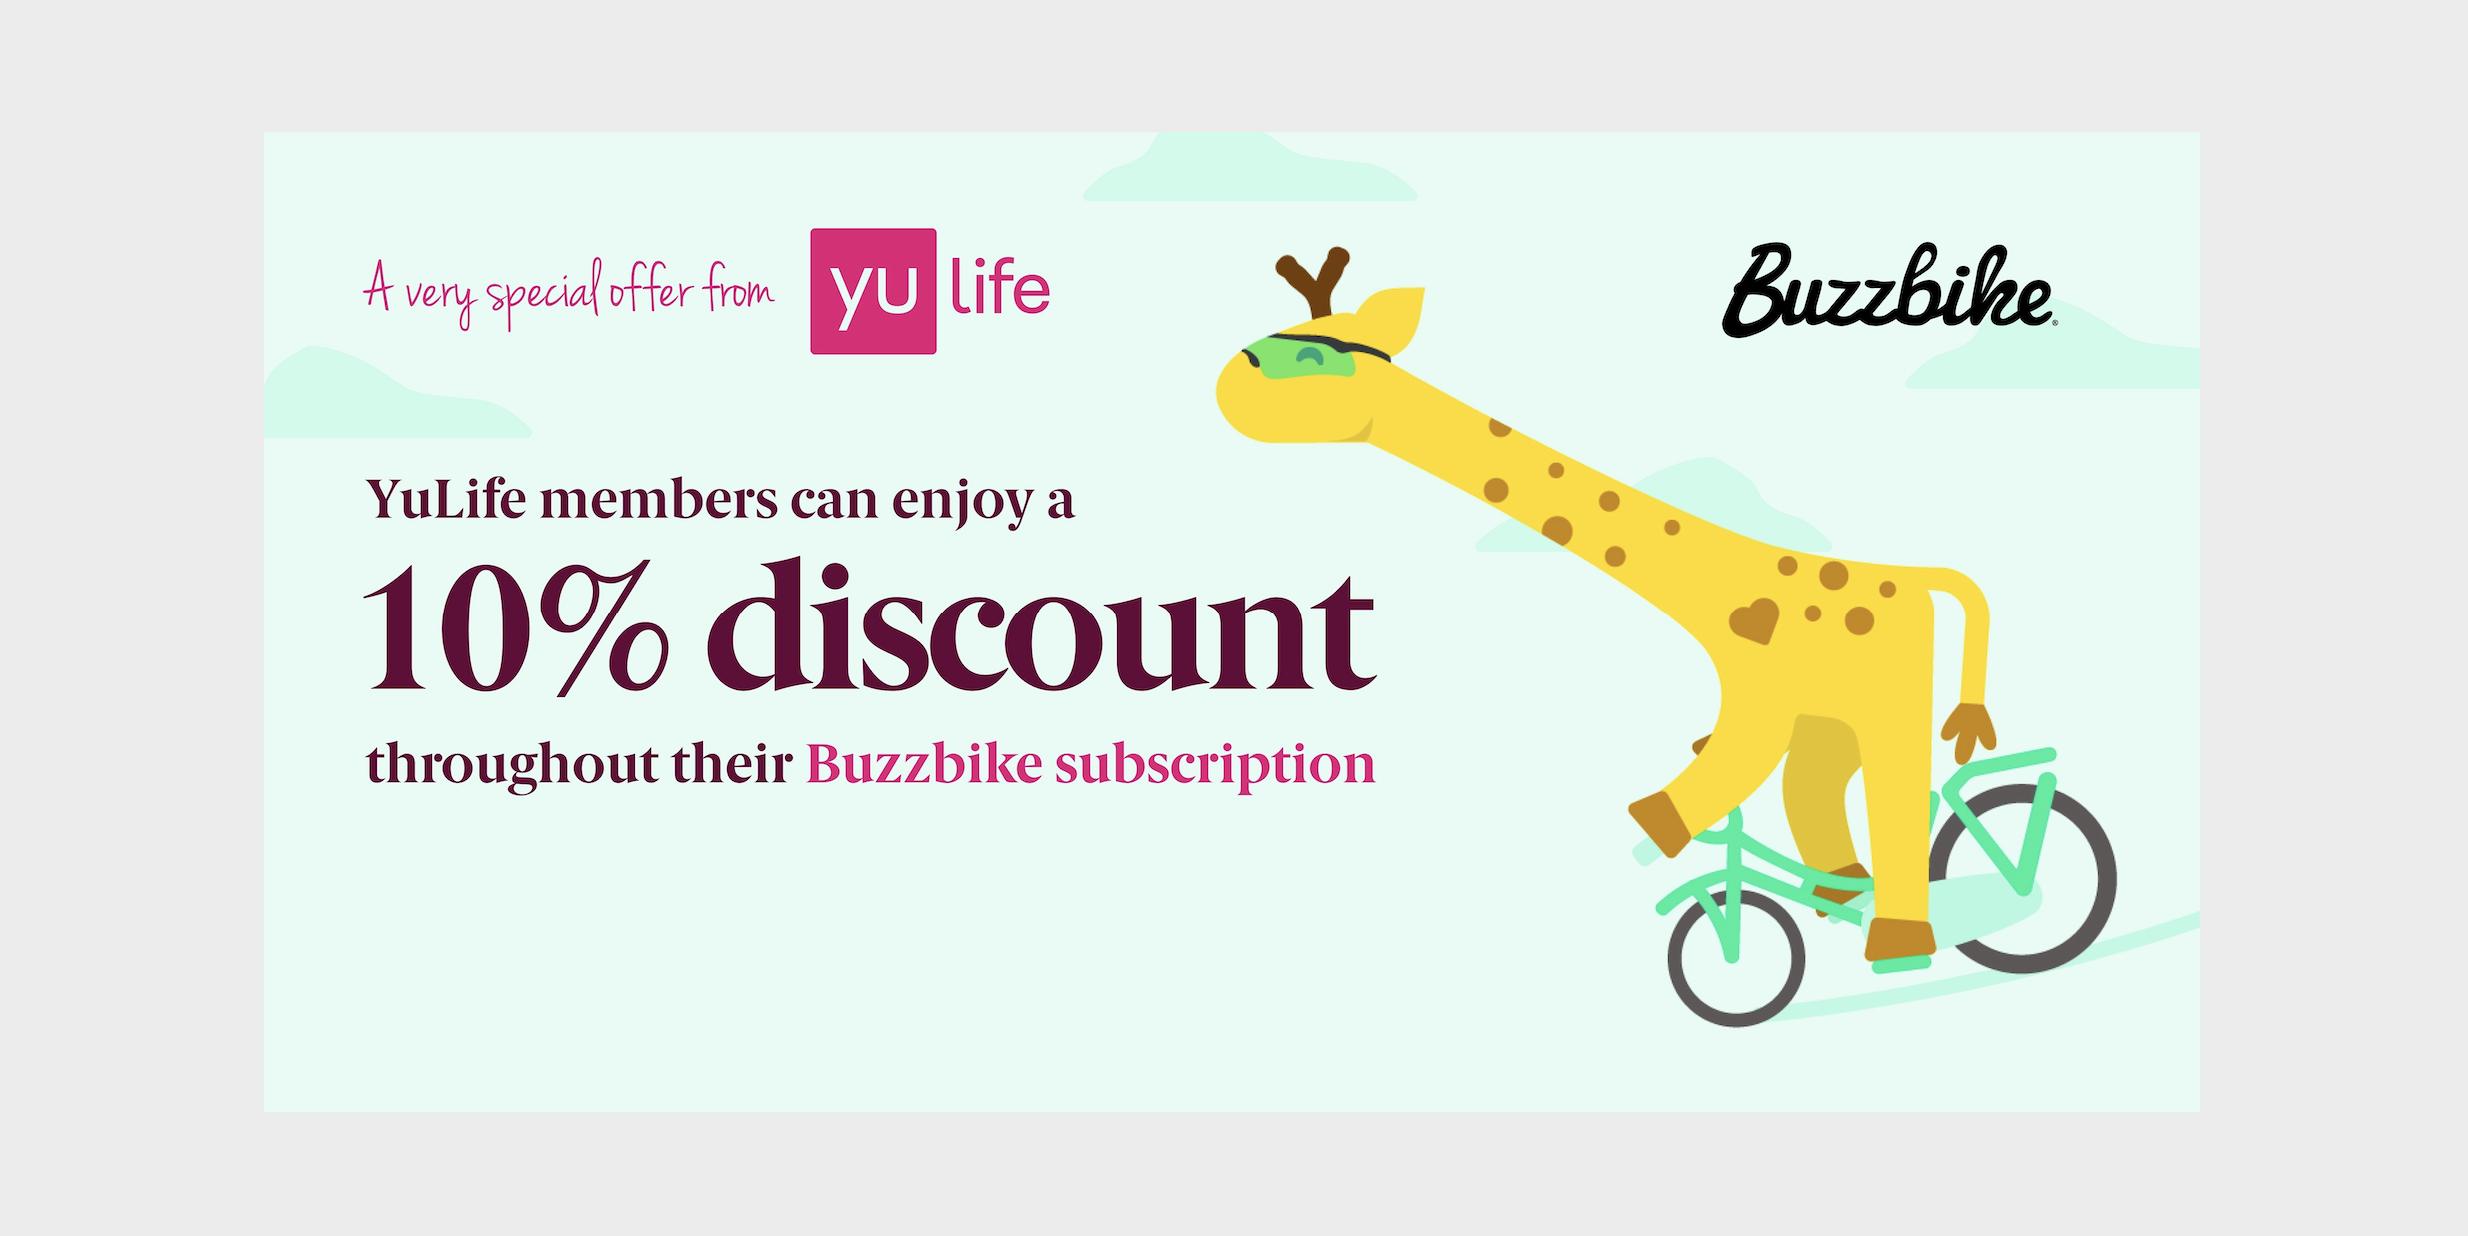 yulife-buzz-bike